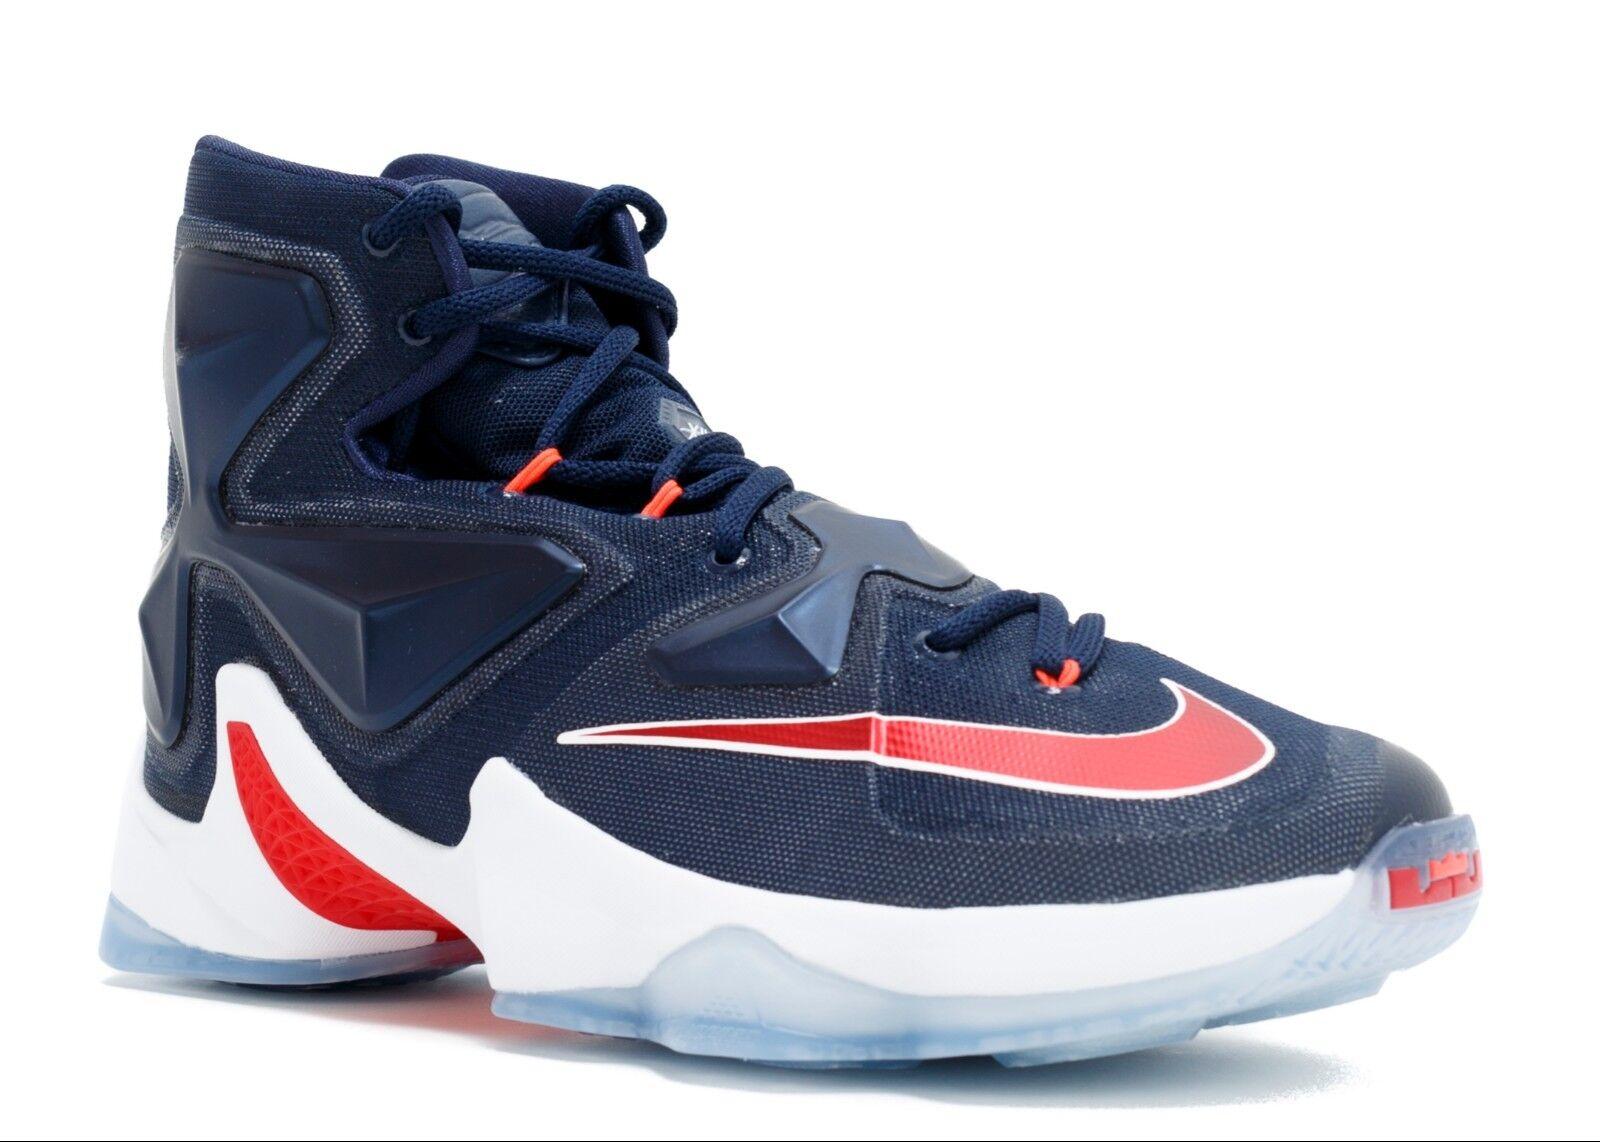 Nike Lebron James 13 XIII Team USA Mens Sz 10 44 Basketball shoes RED WHITE blueE